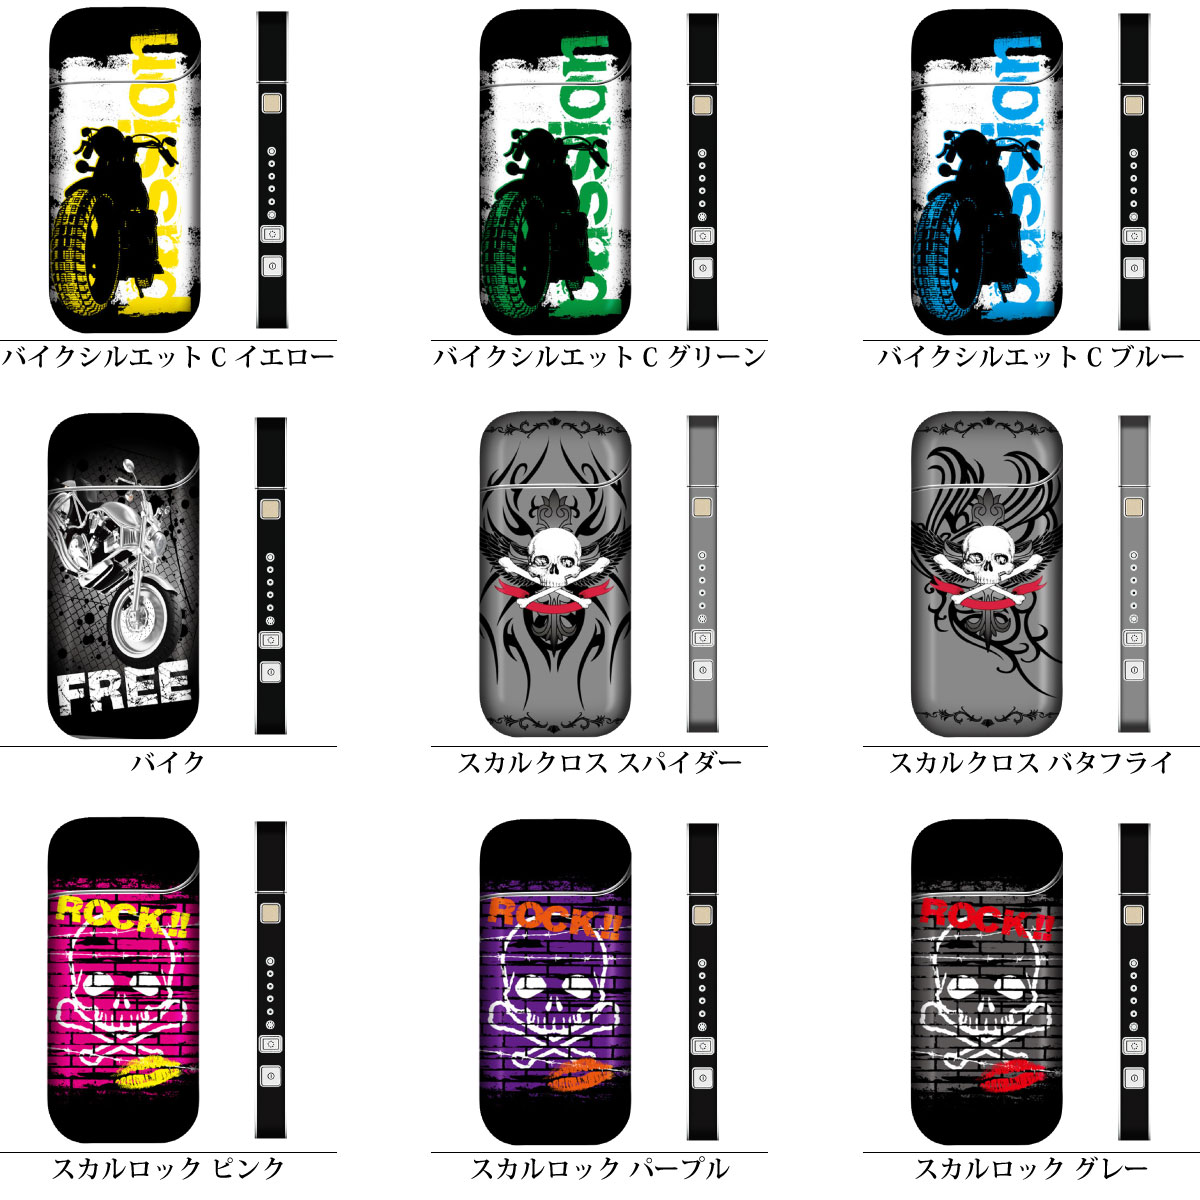 iQOS(アイコス) 専用 デコレーション スキンシール 表面・裏面&側面セット 【 バイク/スカル/ギター シリーズ 】